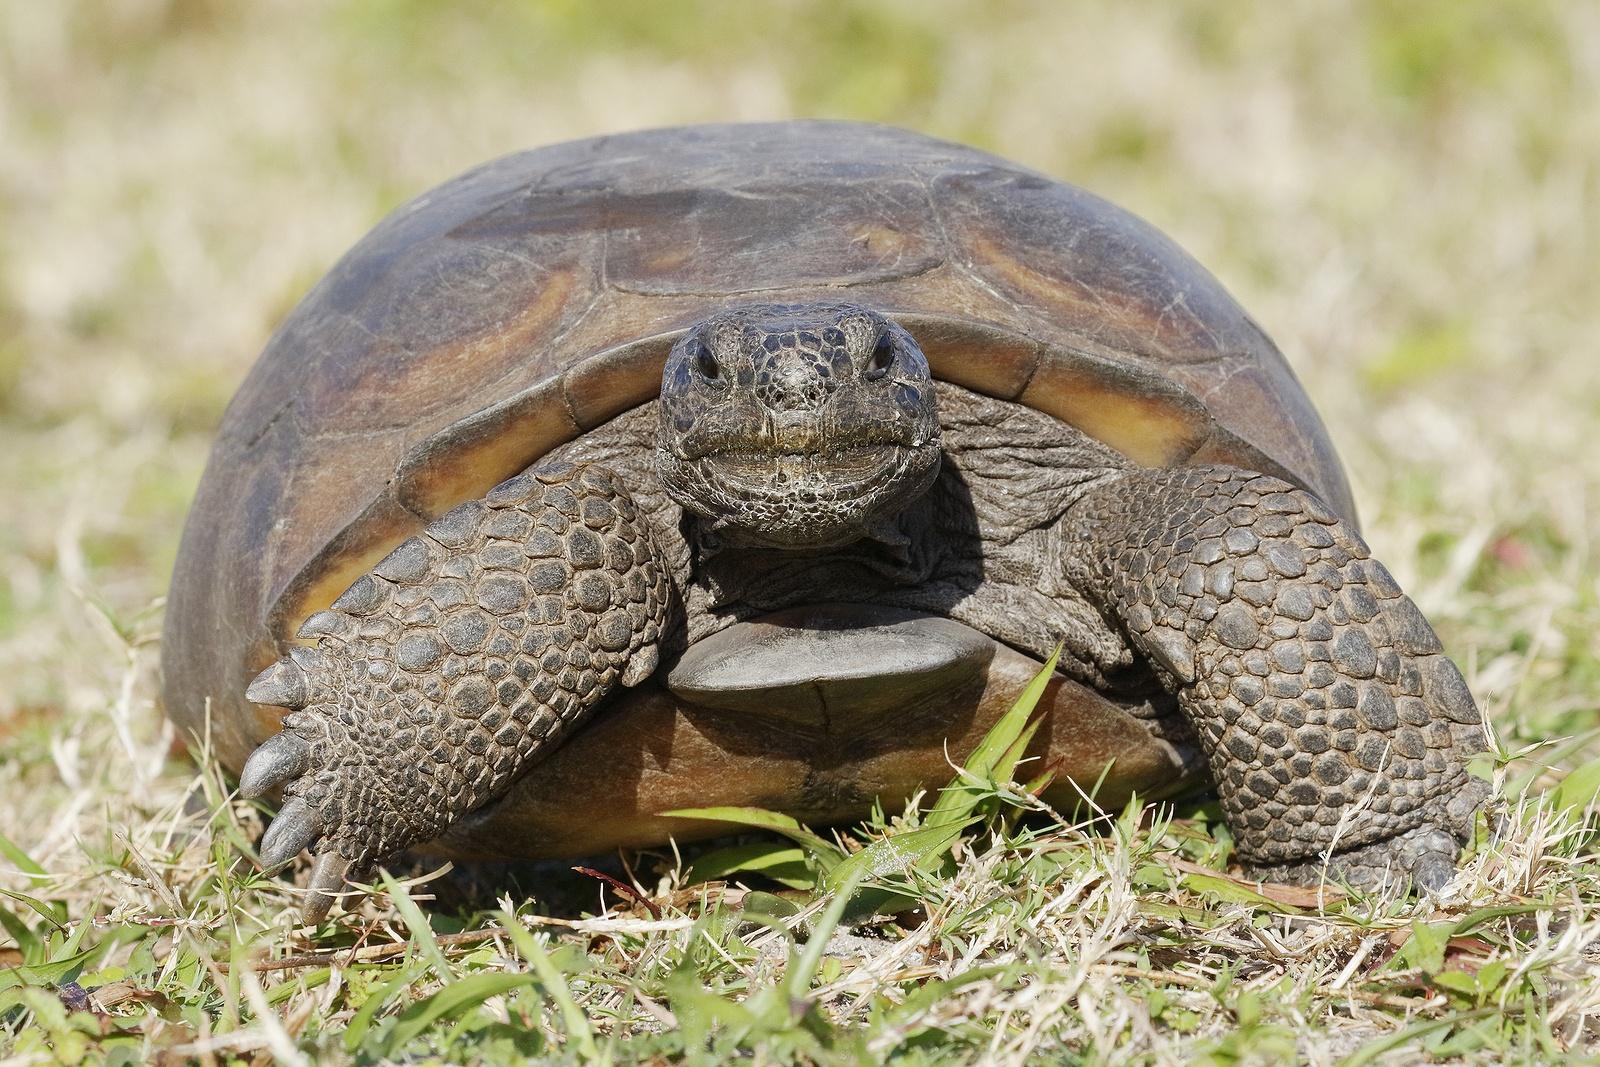 bigstock-Endangered-Gopher-Tortoise--F-124838870.jpg